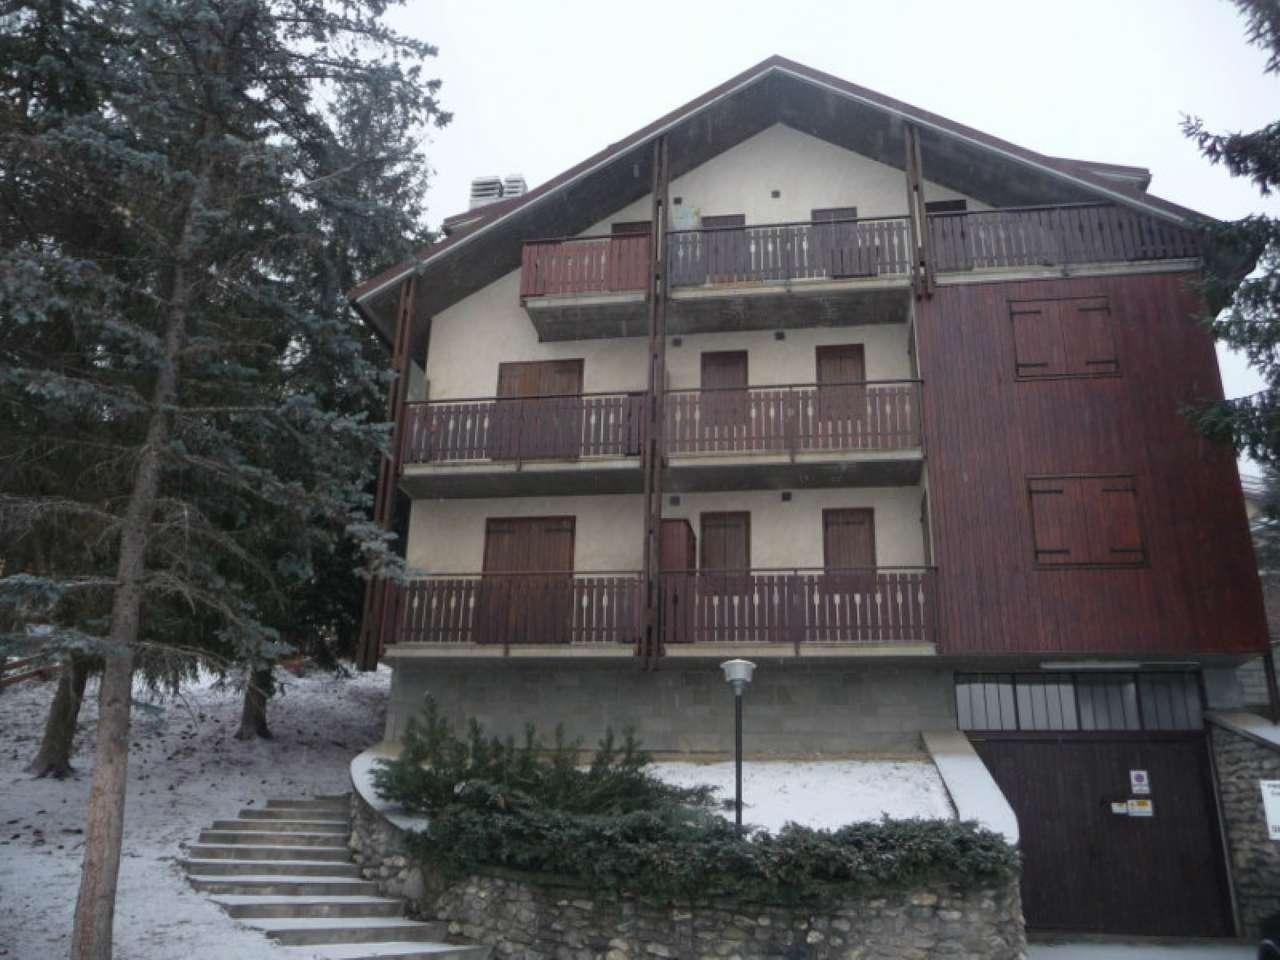 Appartamento in vendita a Sauze d'Oulx, 2 locali, prezzo € 150.000 | Cambio Casa.it